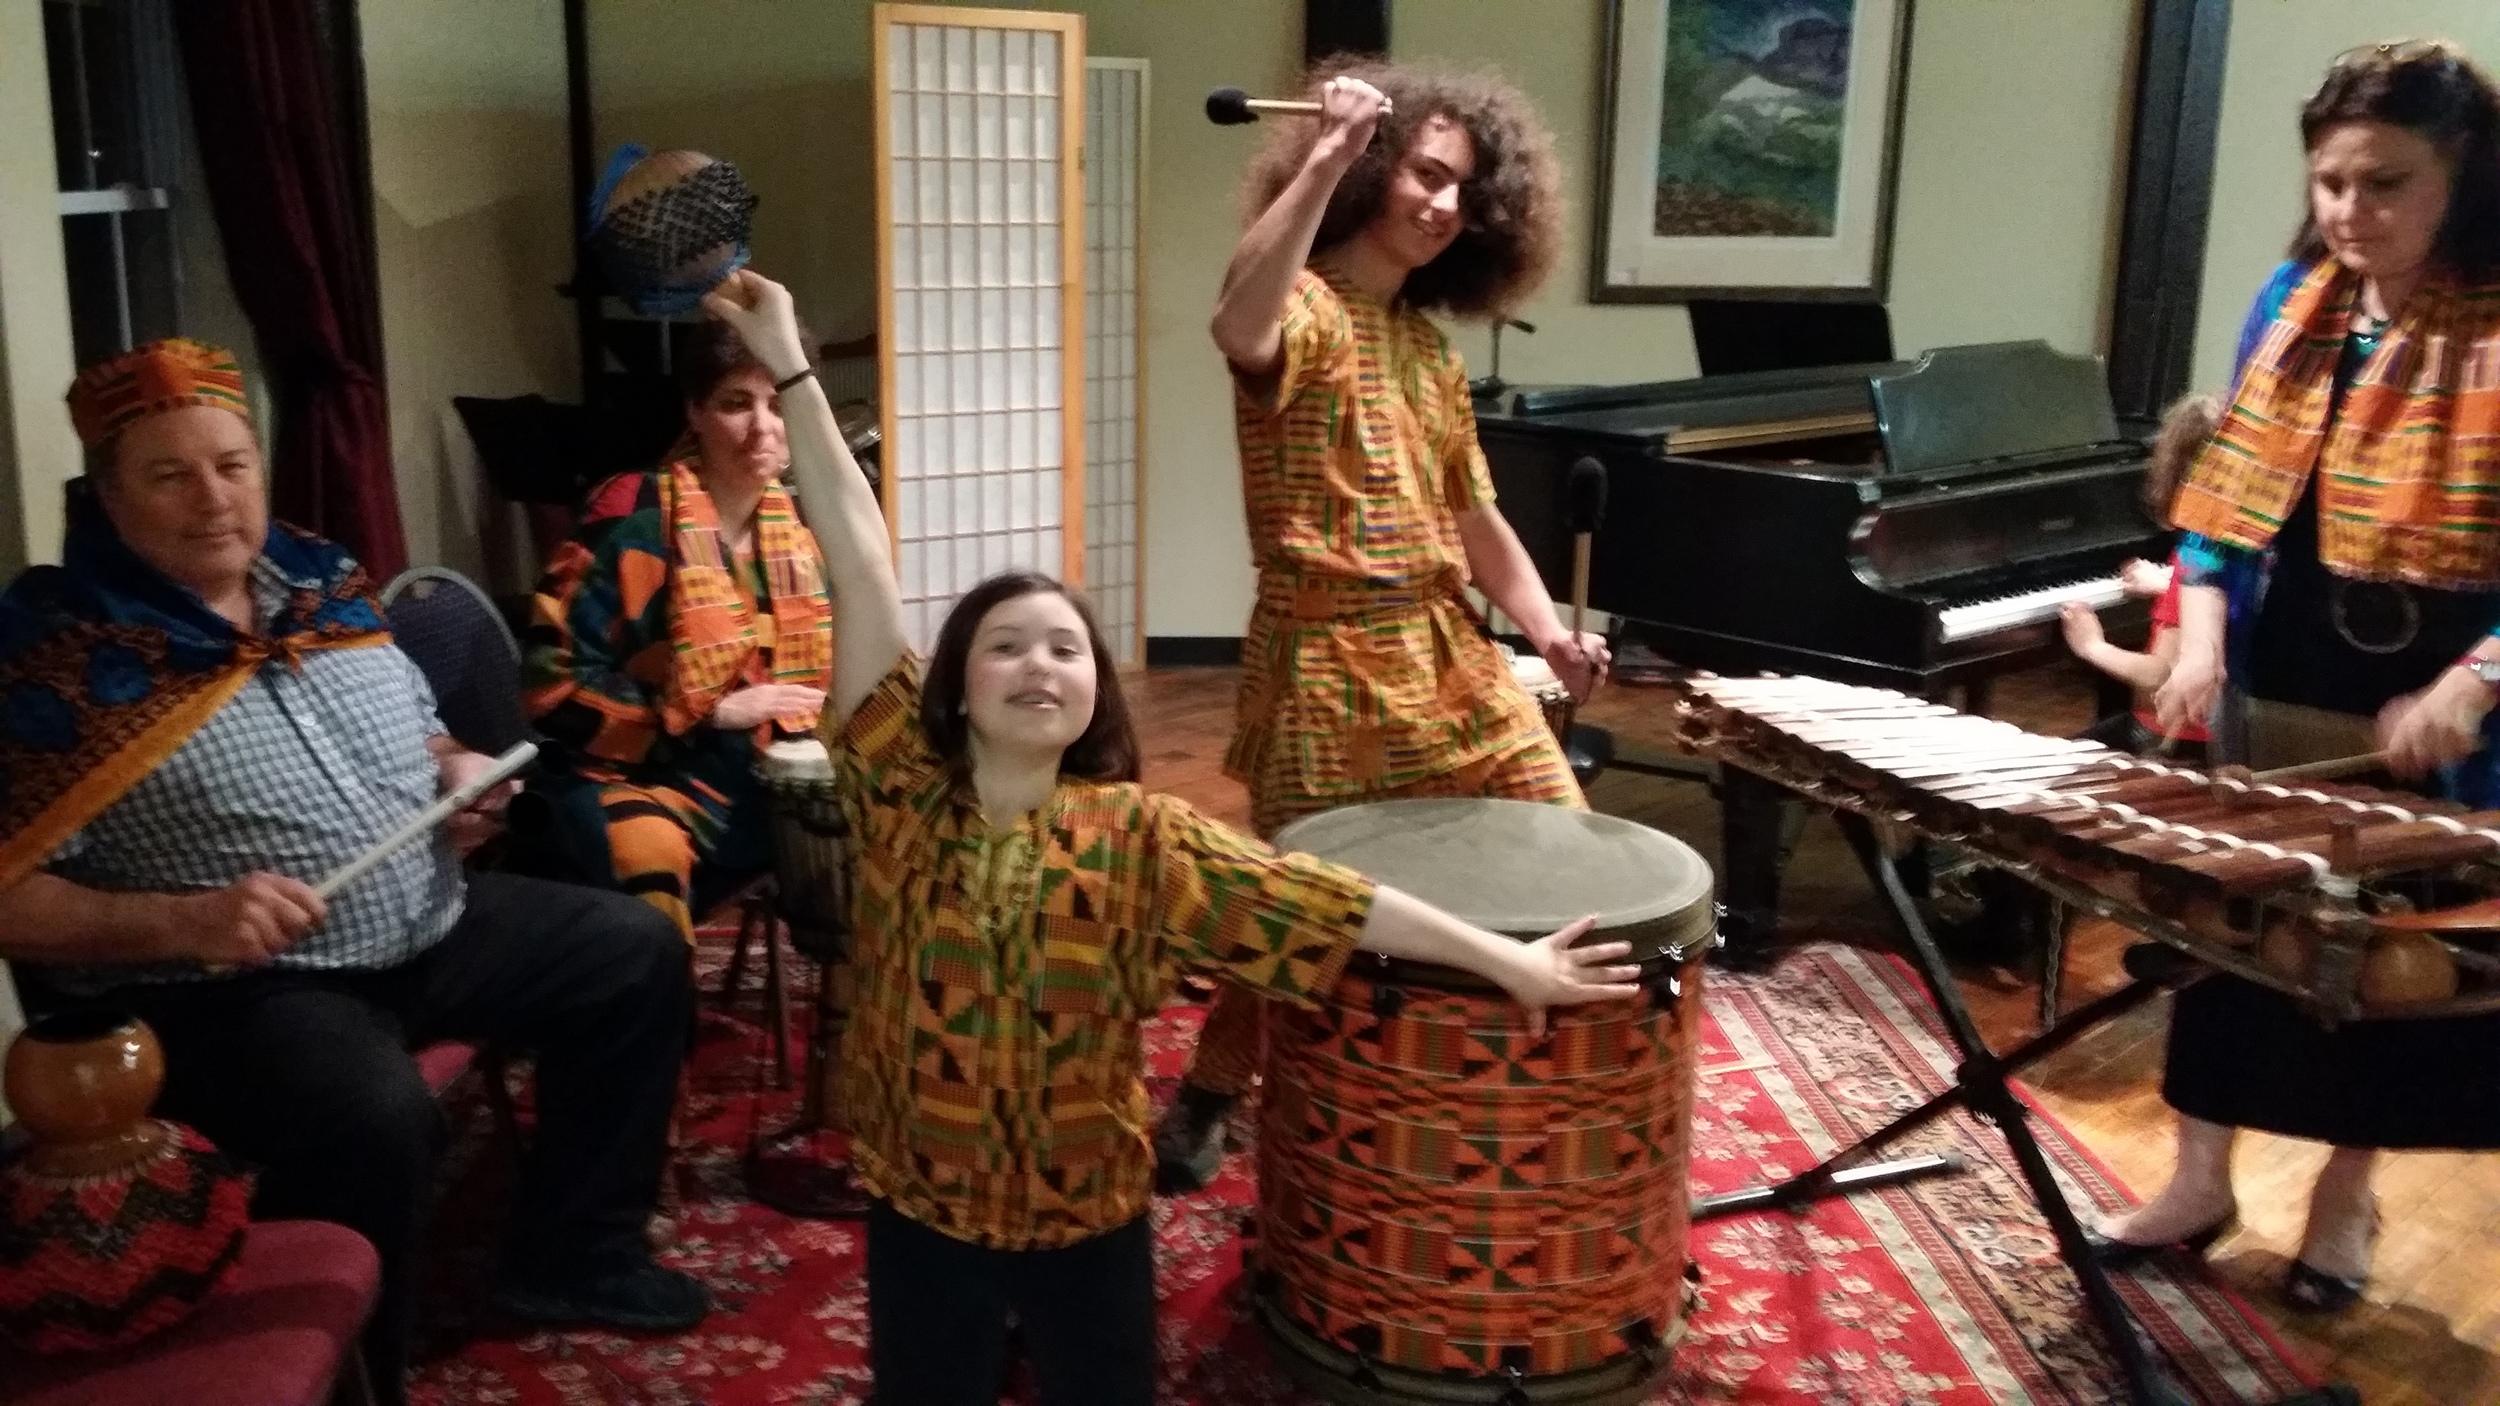 The Mumbo Jumbo drum group performs